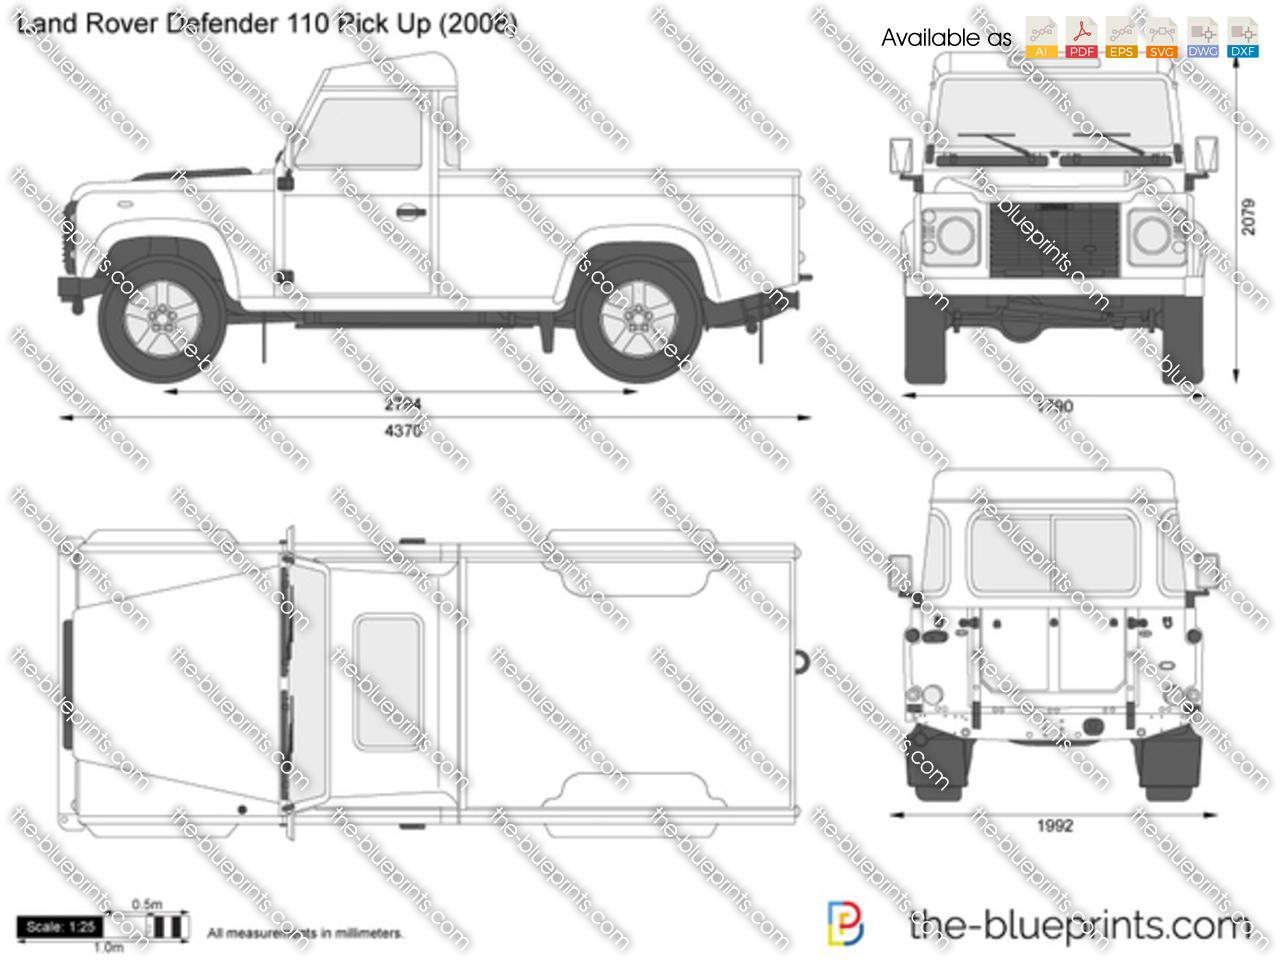 Land Rover Defender 110 Pick Up 2006